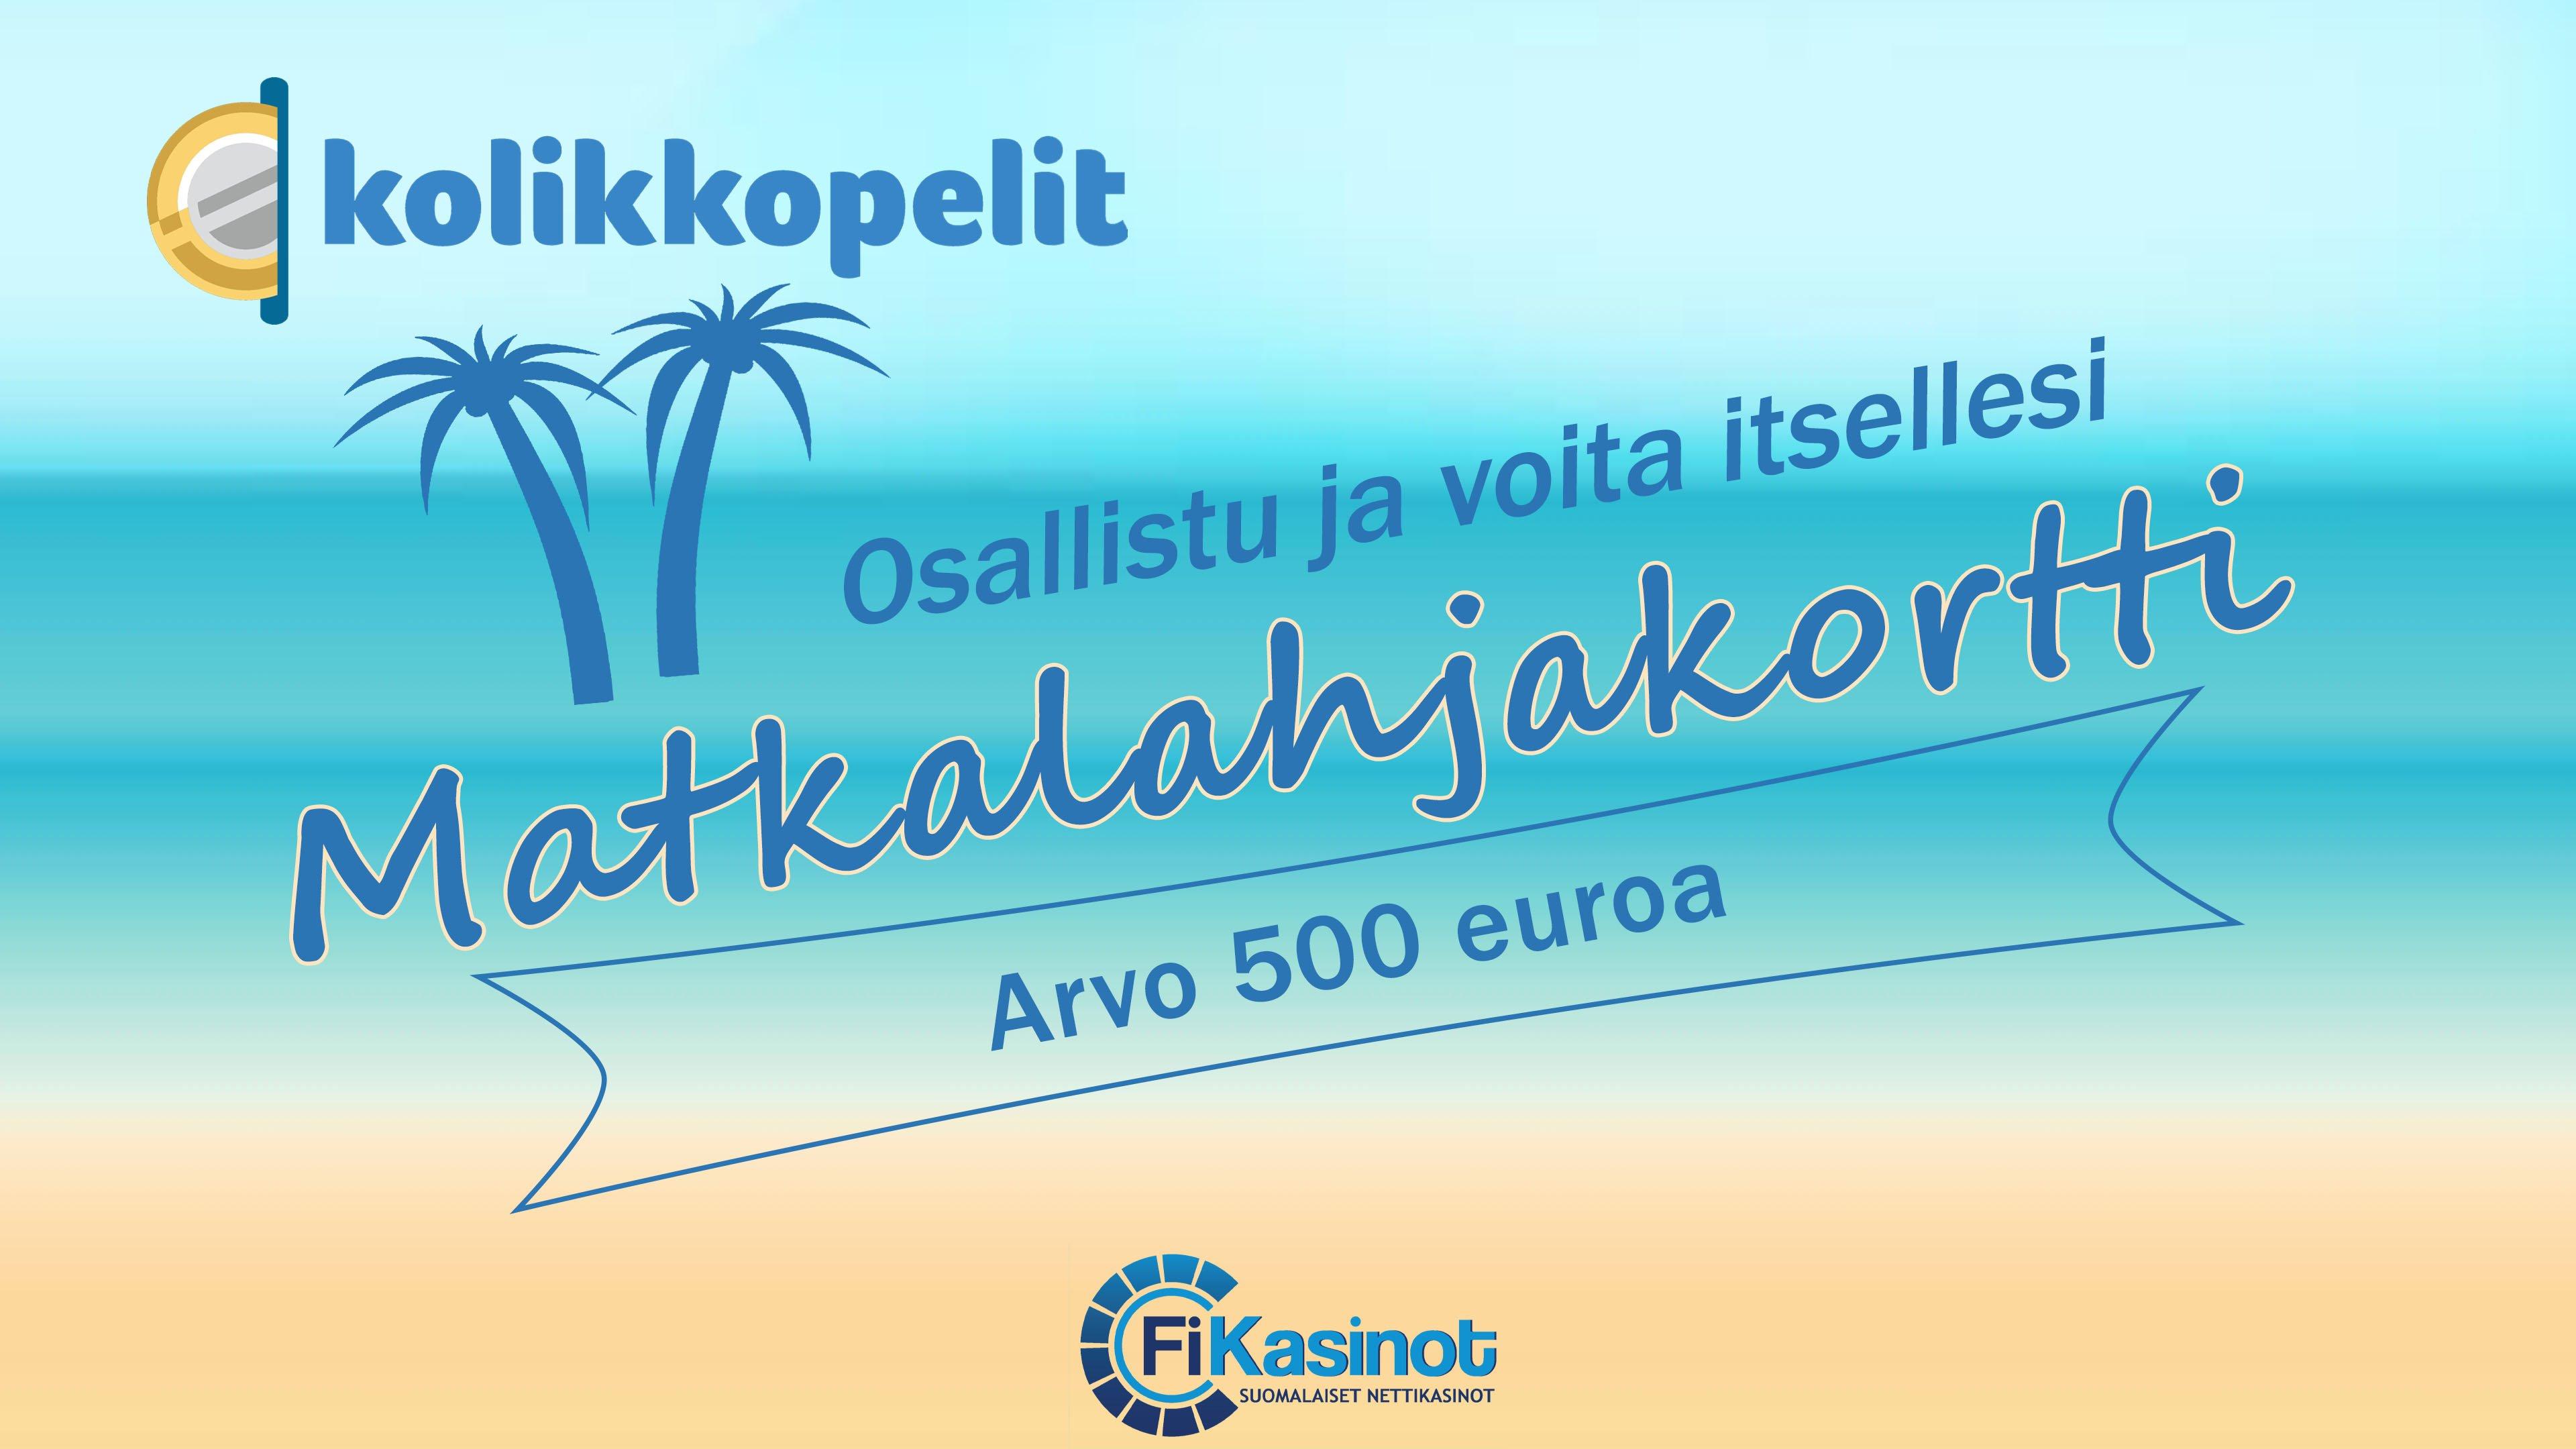 500 euron matkalahjakortti Kolikkopeleiltä